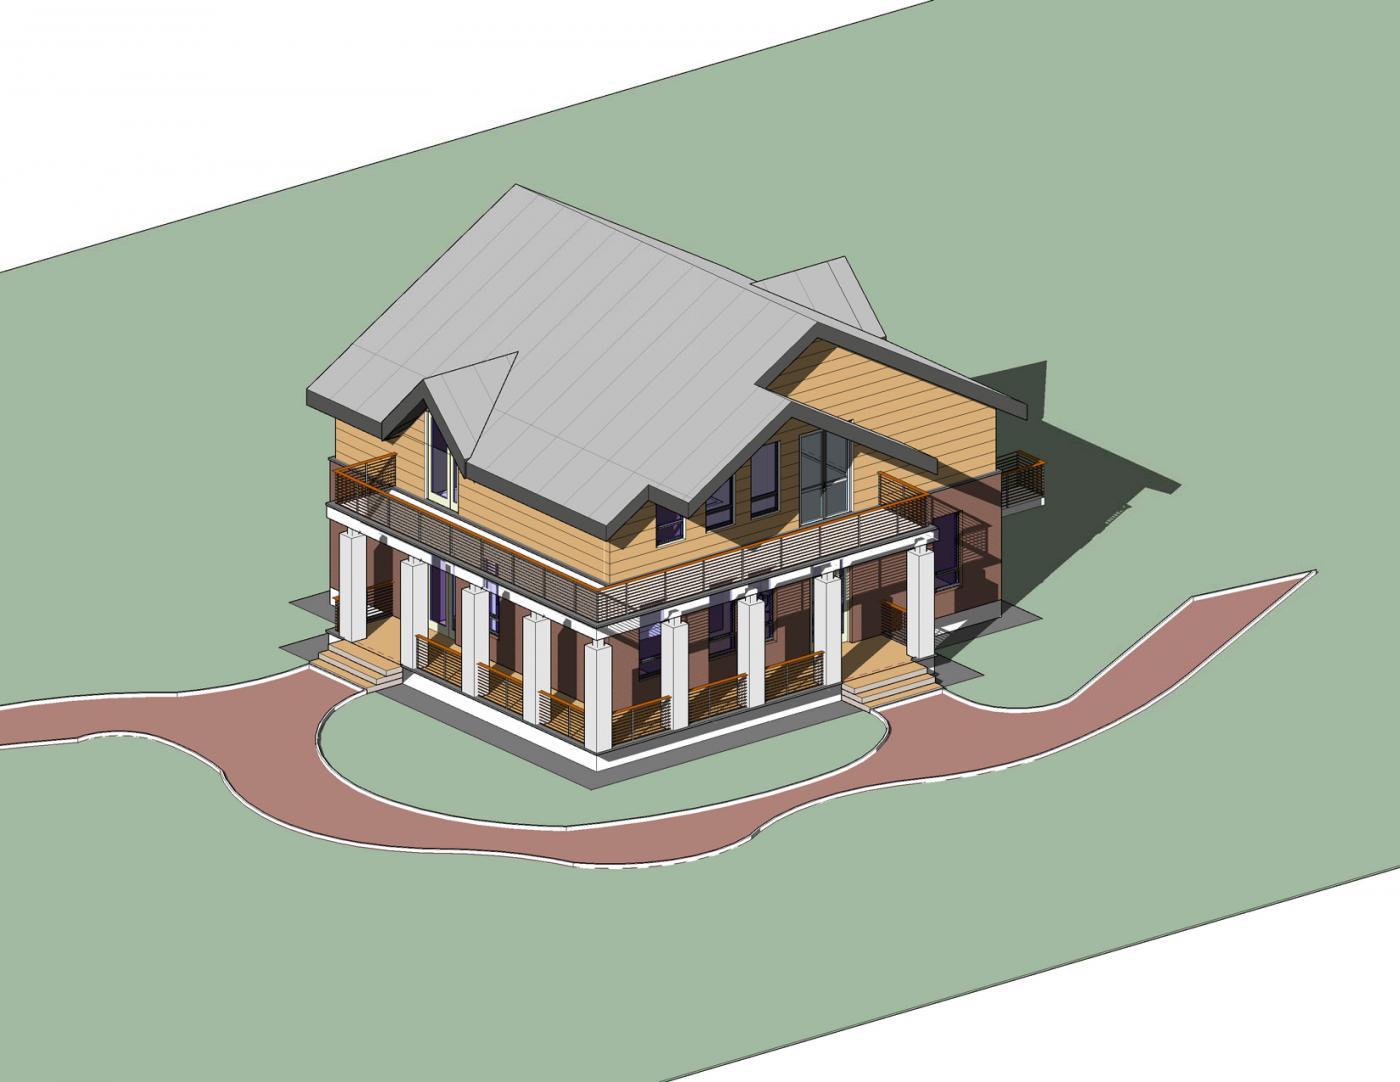 Проектирование и сметы. Индивидуальный жилой дом. Эскиз.РД